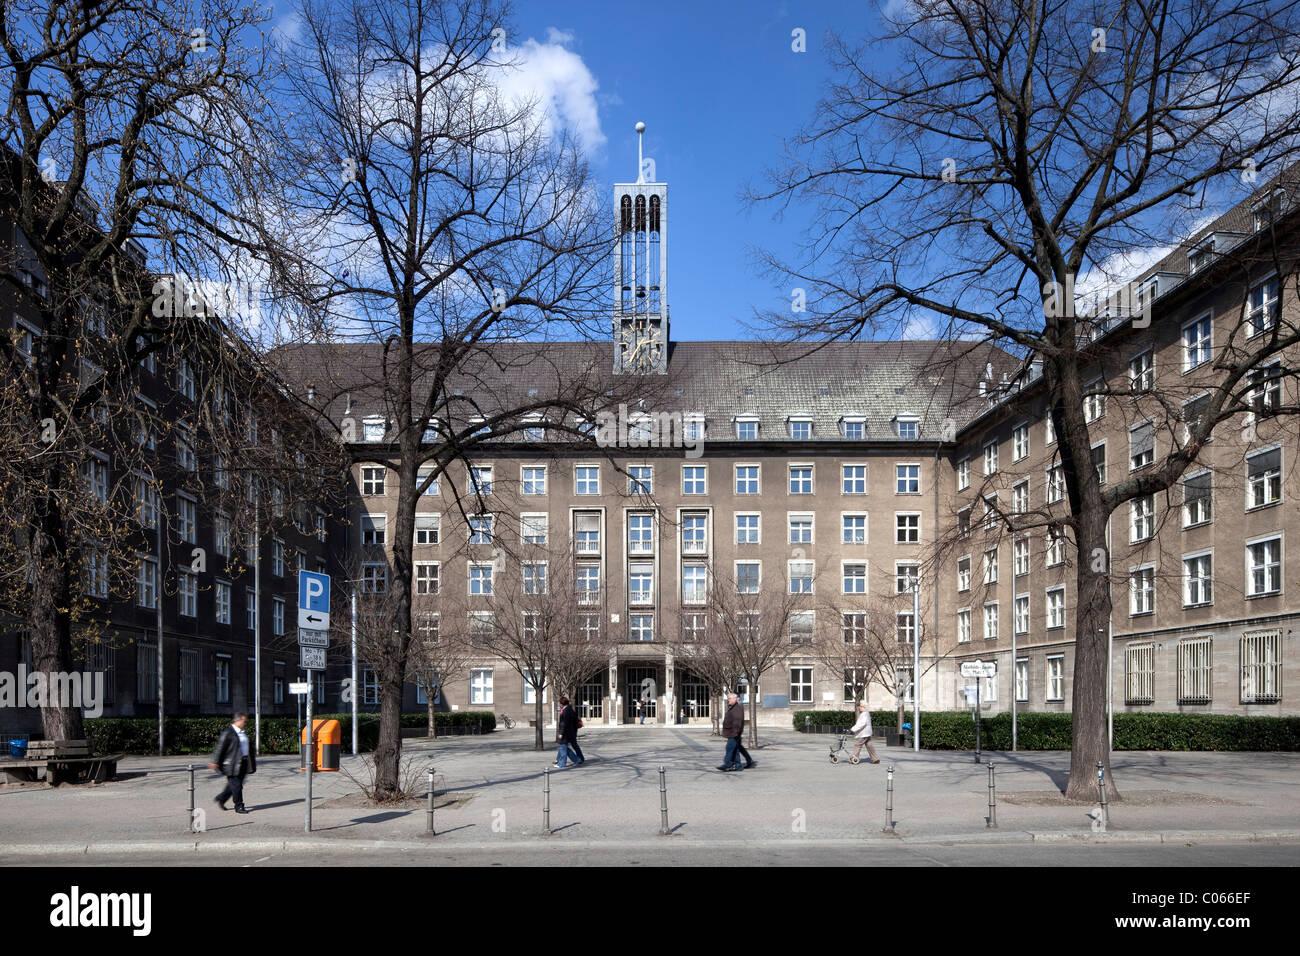 Town Hall Tiergarten, Moabit, Berlin, Germany, Europe - Stock Image